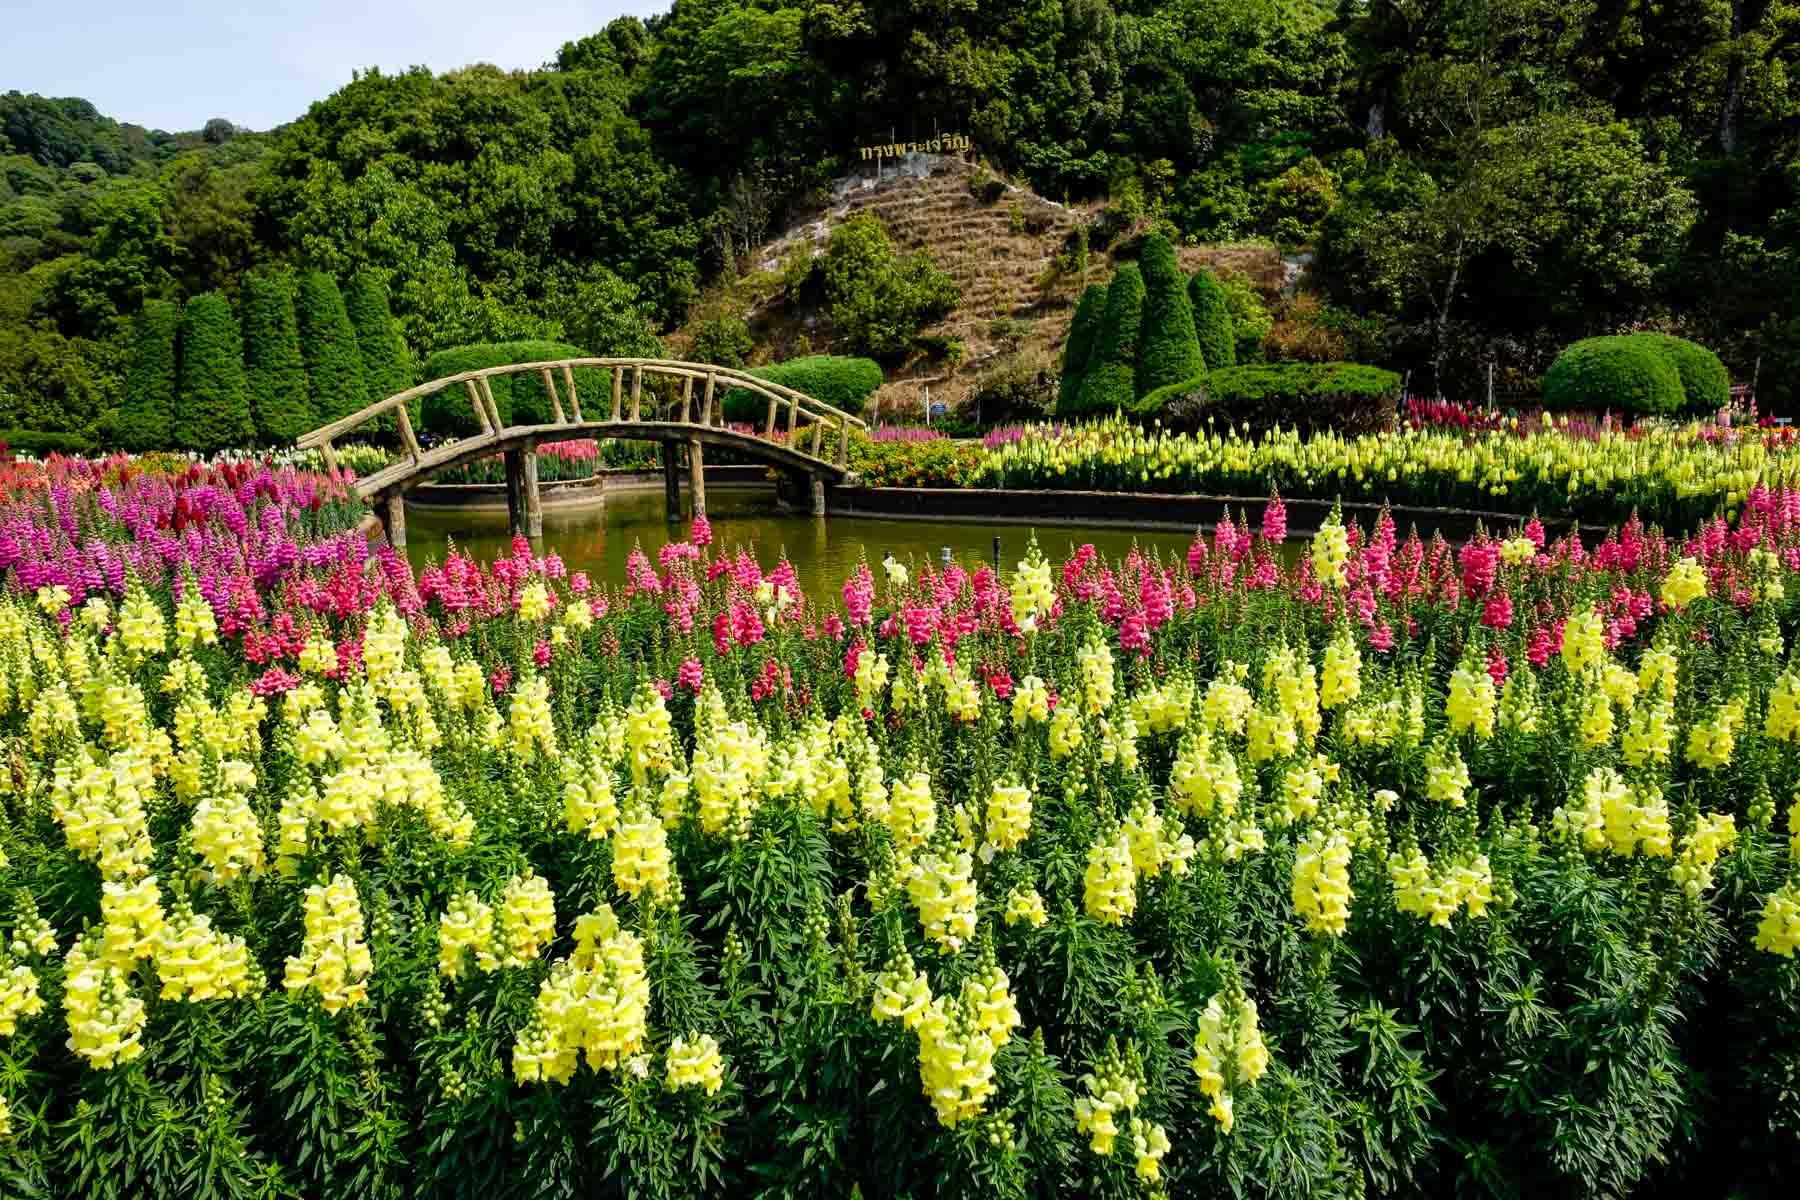 doi inthanon garden